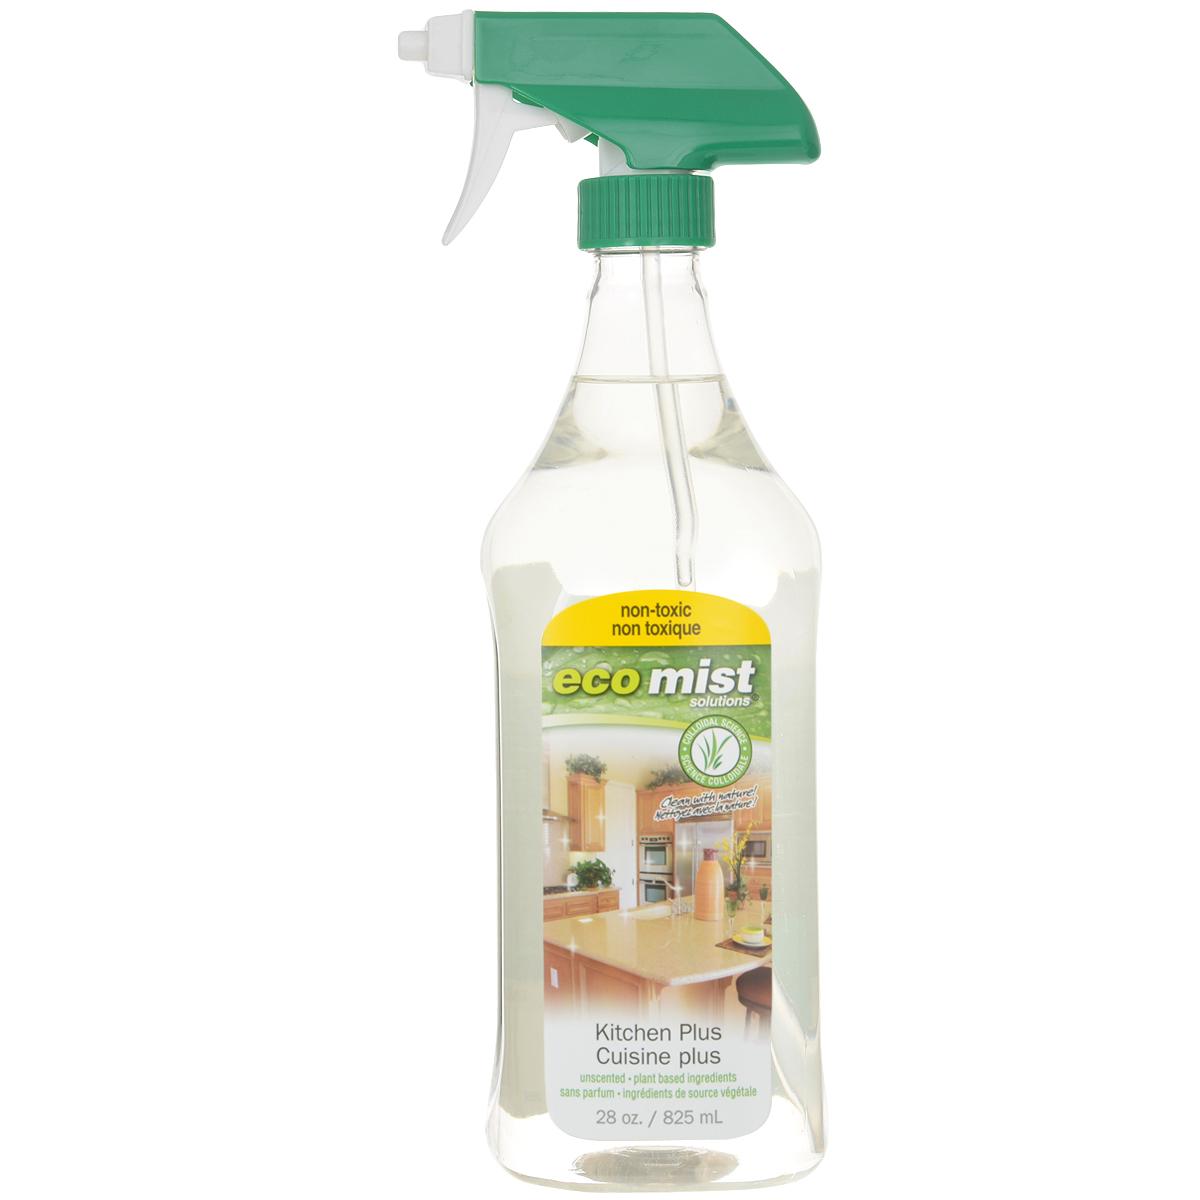 Средство для очистки кухонных поверхностей Eco Mist, 825 млEM825XXKXTR06EFLСредство специального назначения Eco Mist для ежедневной уборке на кухне. Используется для мгновенного придания свежести и чистоты плит, столешниц, раковин, смесителей, шкафов, приборов и стен. Поверхности остаются гладкими и чистыми. Нейтрализует неприятные запахи. Состав: дехлорированная вода, экстракт зерна, древесный сок, злаки, экстракт картофеля, сахарный тростник.